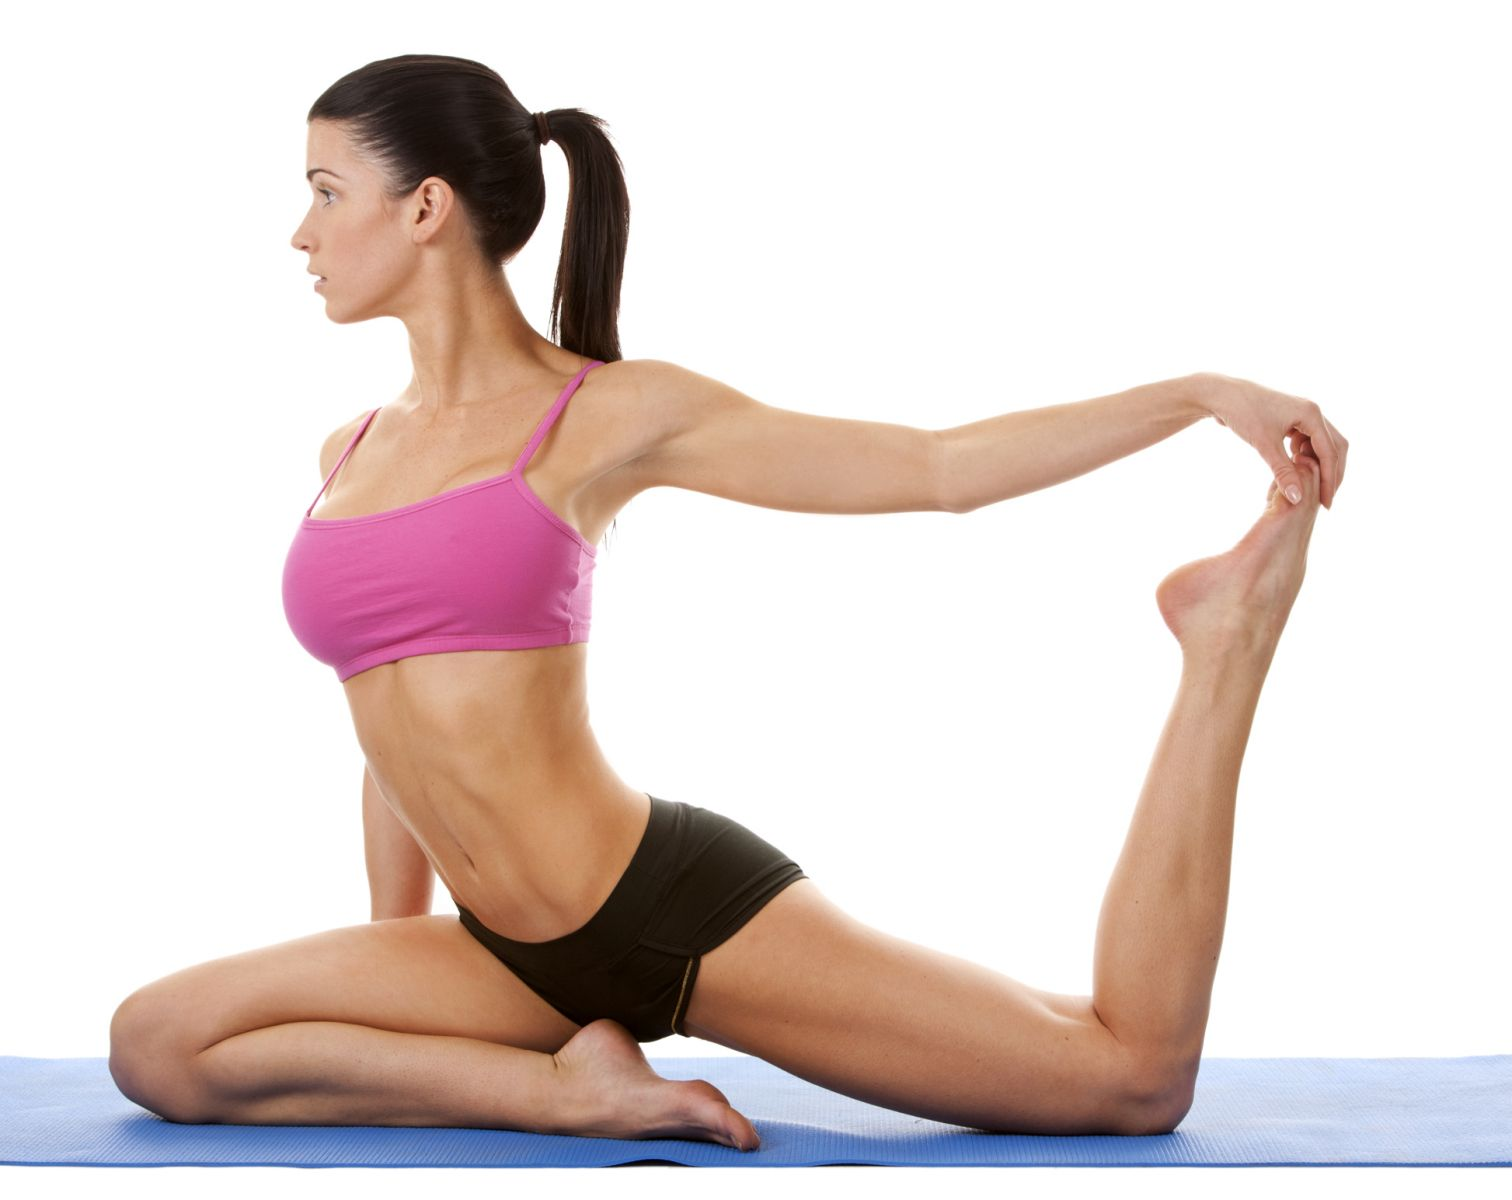 как похудеть за 2 месяца упражнения